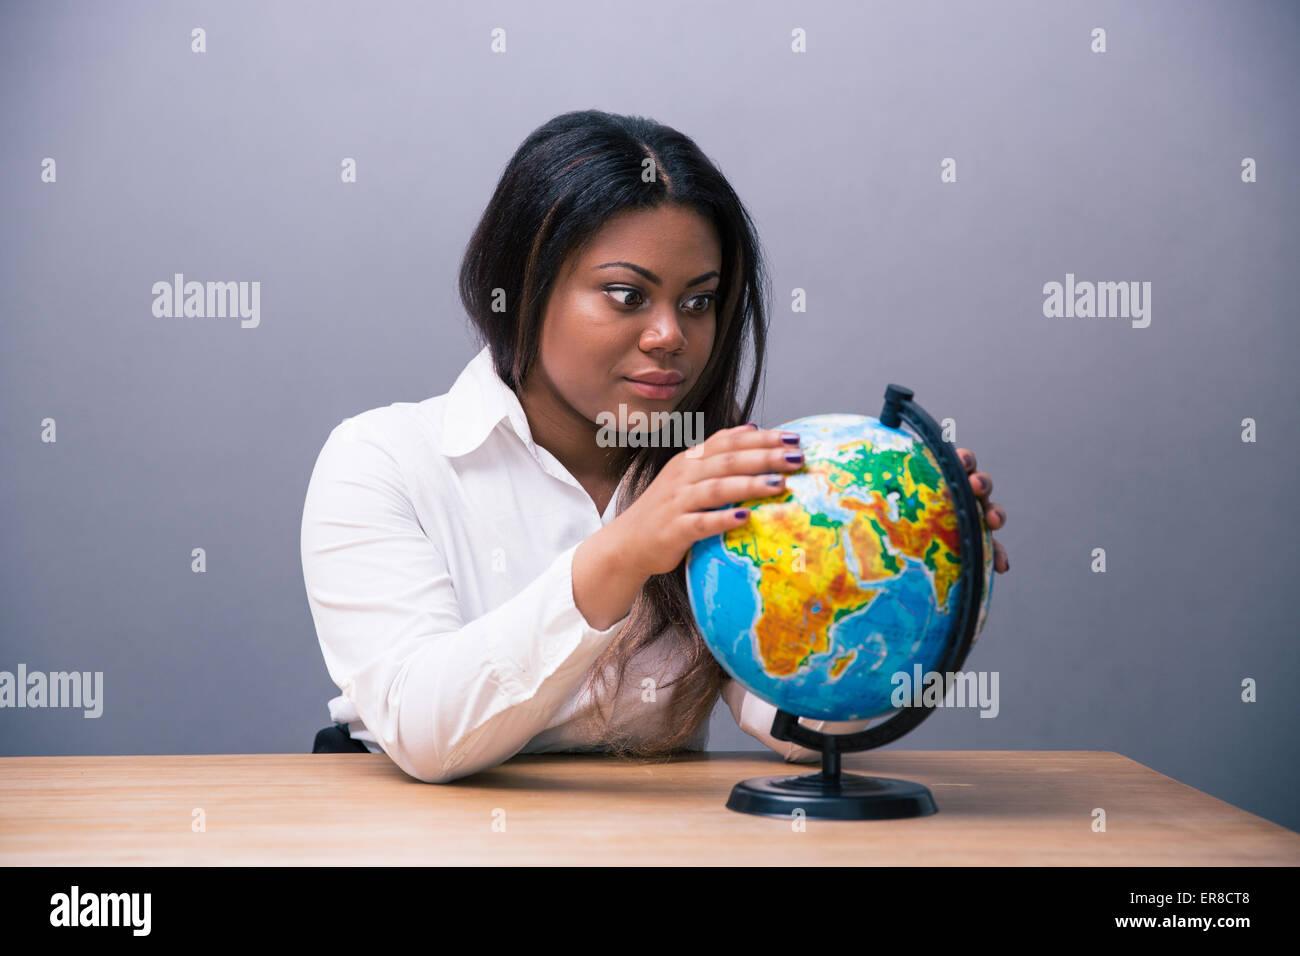 Afrikanische Geschäftsfrau sitzen am Tisch mit Globus über grauen Hintergrund Stockbild